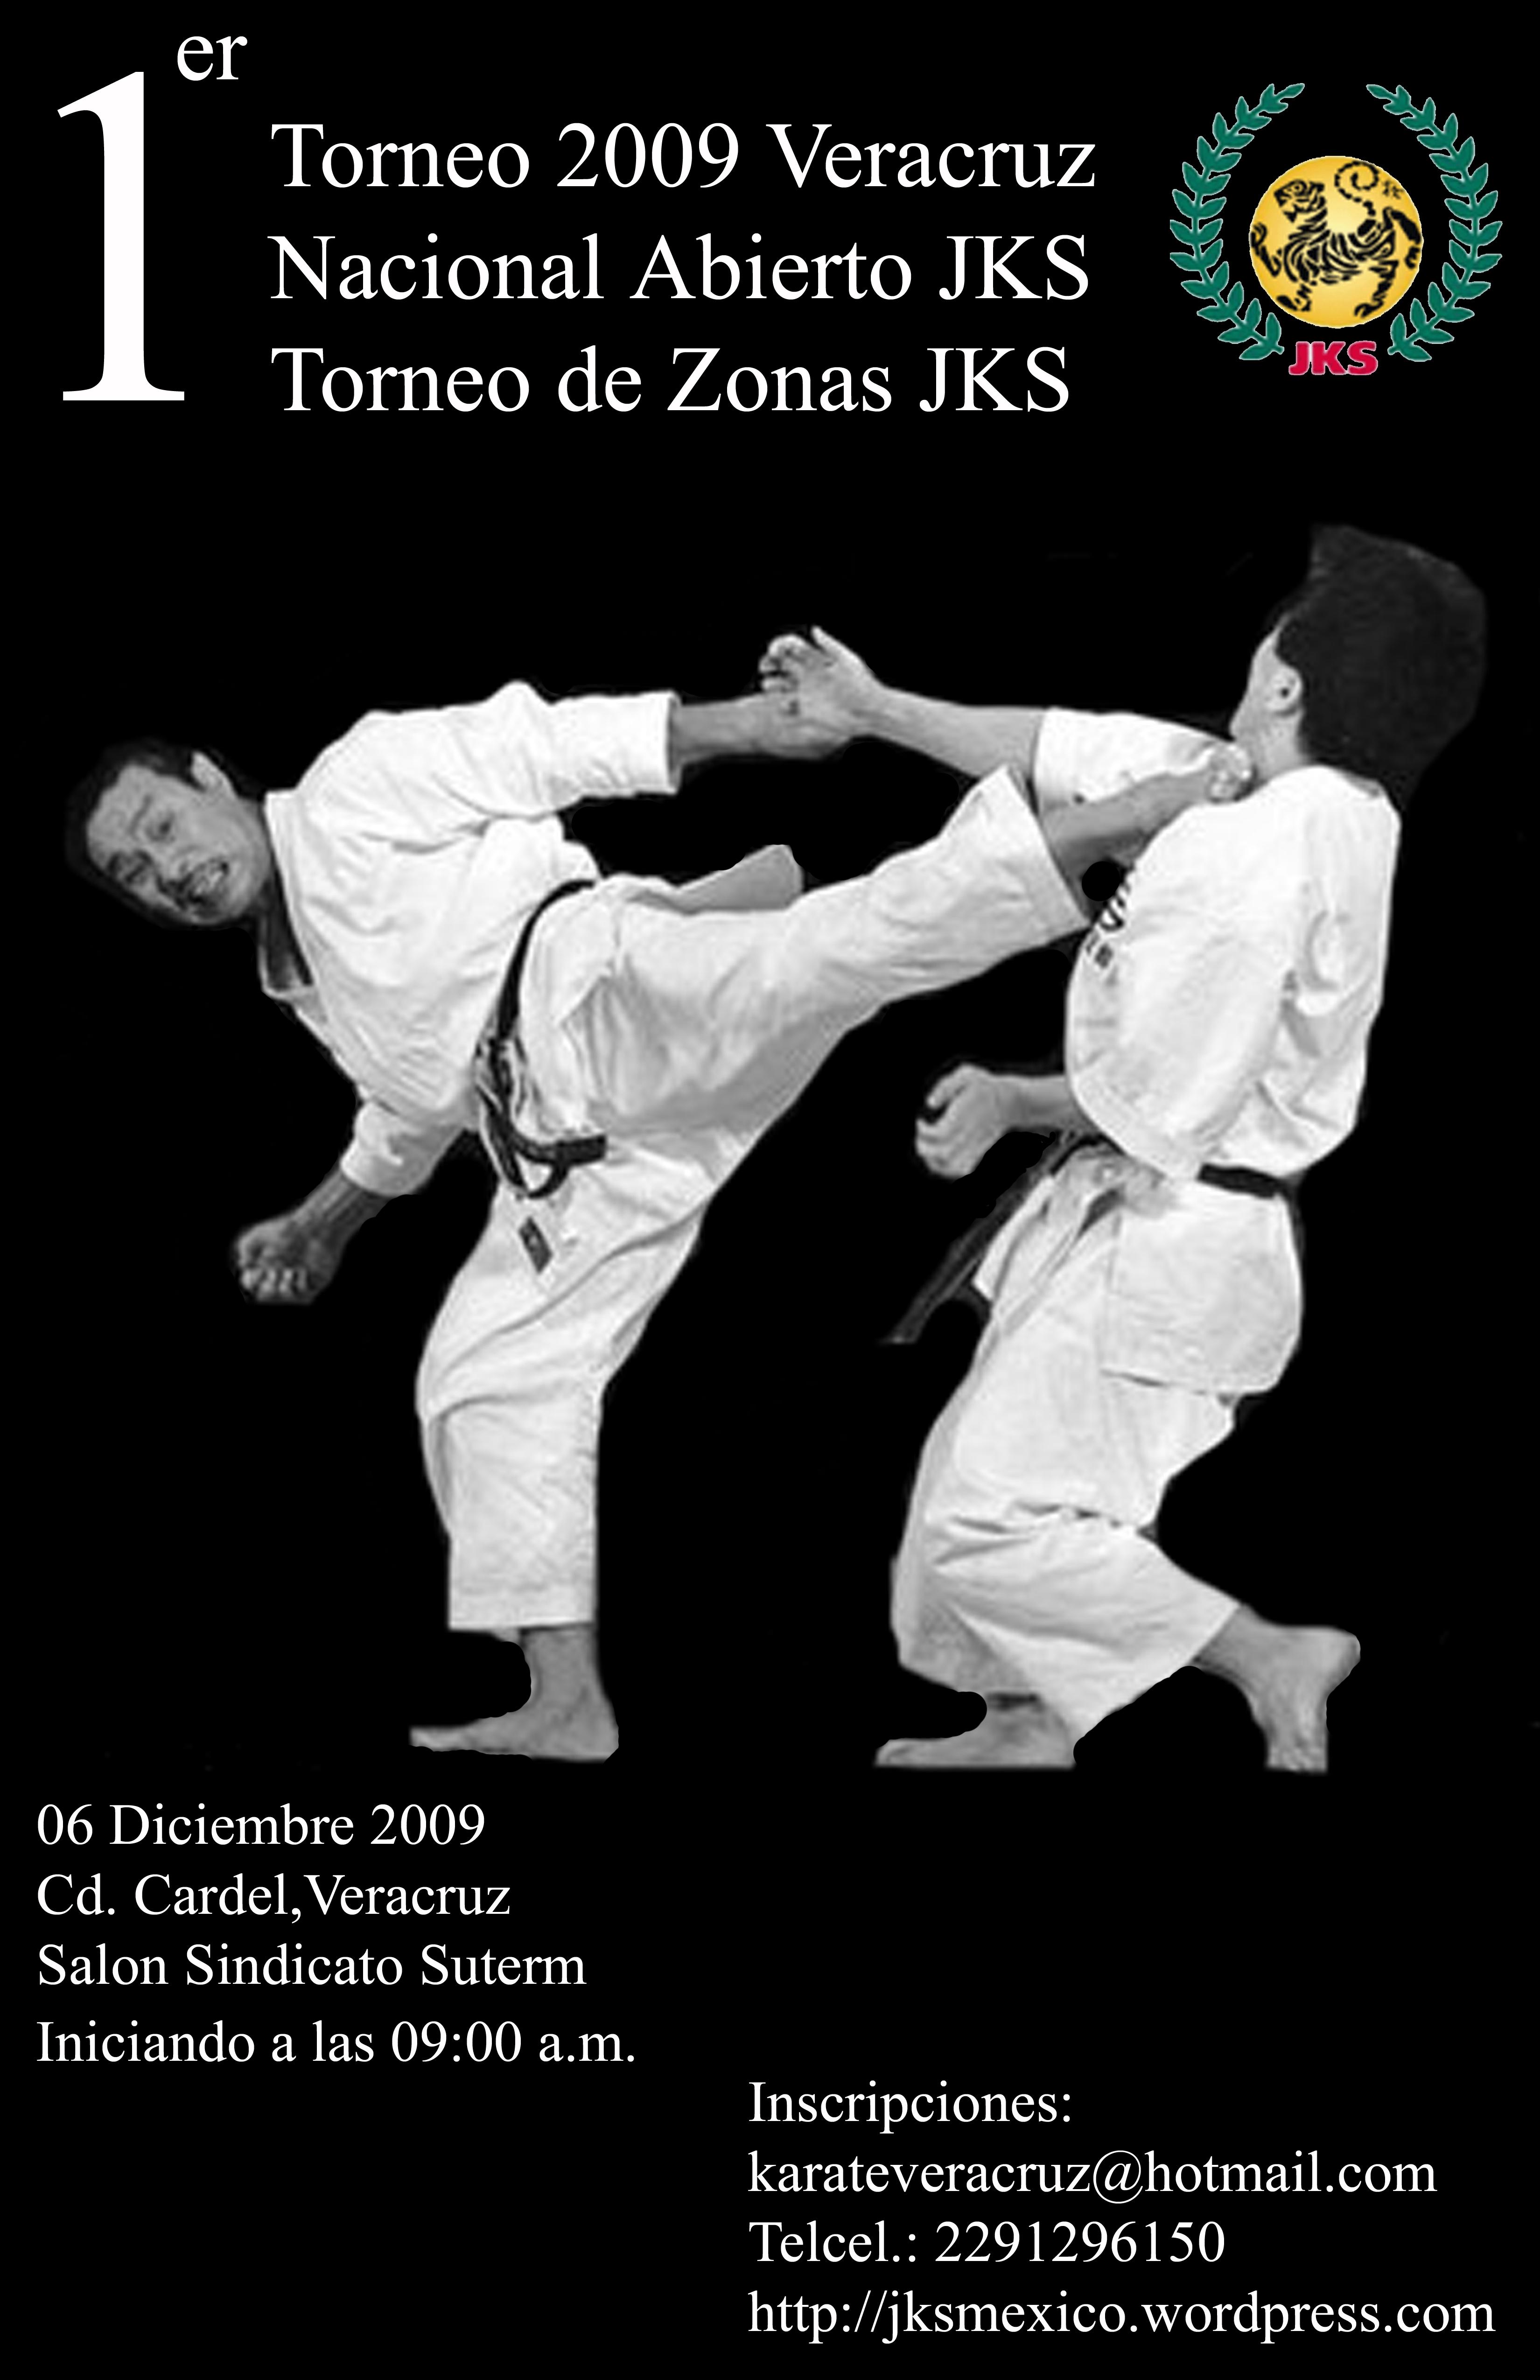 2o Poster 1er Torneo Nacional 2009